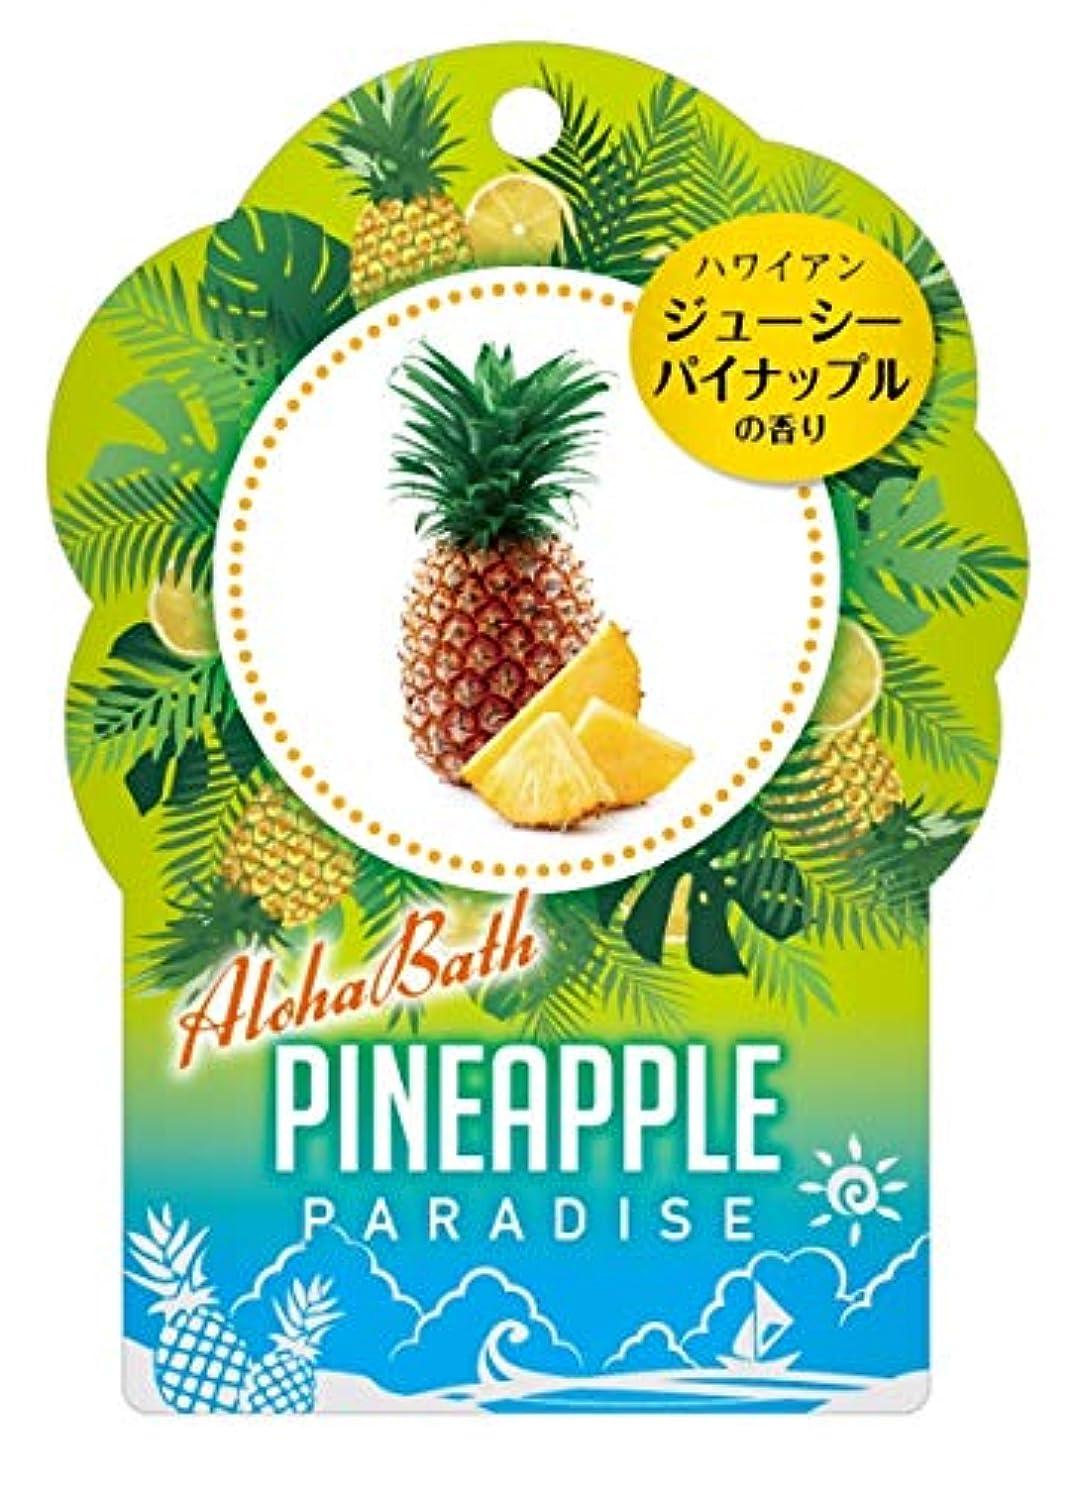 日本製 made in japan アロハバスパイナップル N-8741【まとめ買い12個セット】